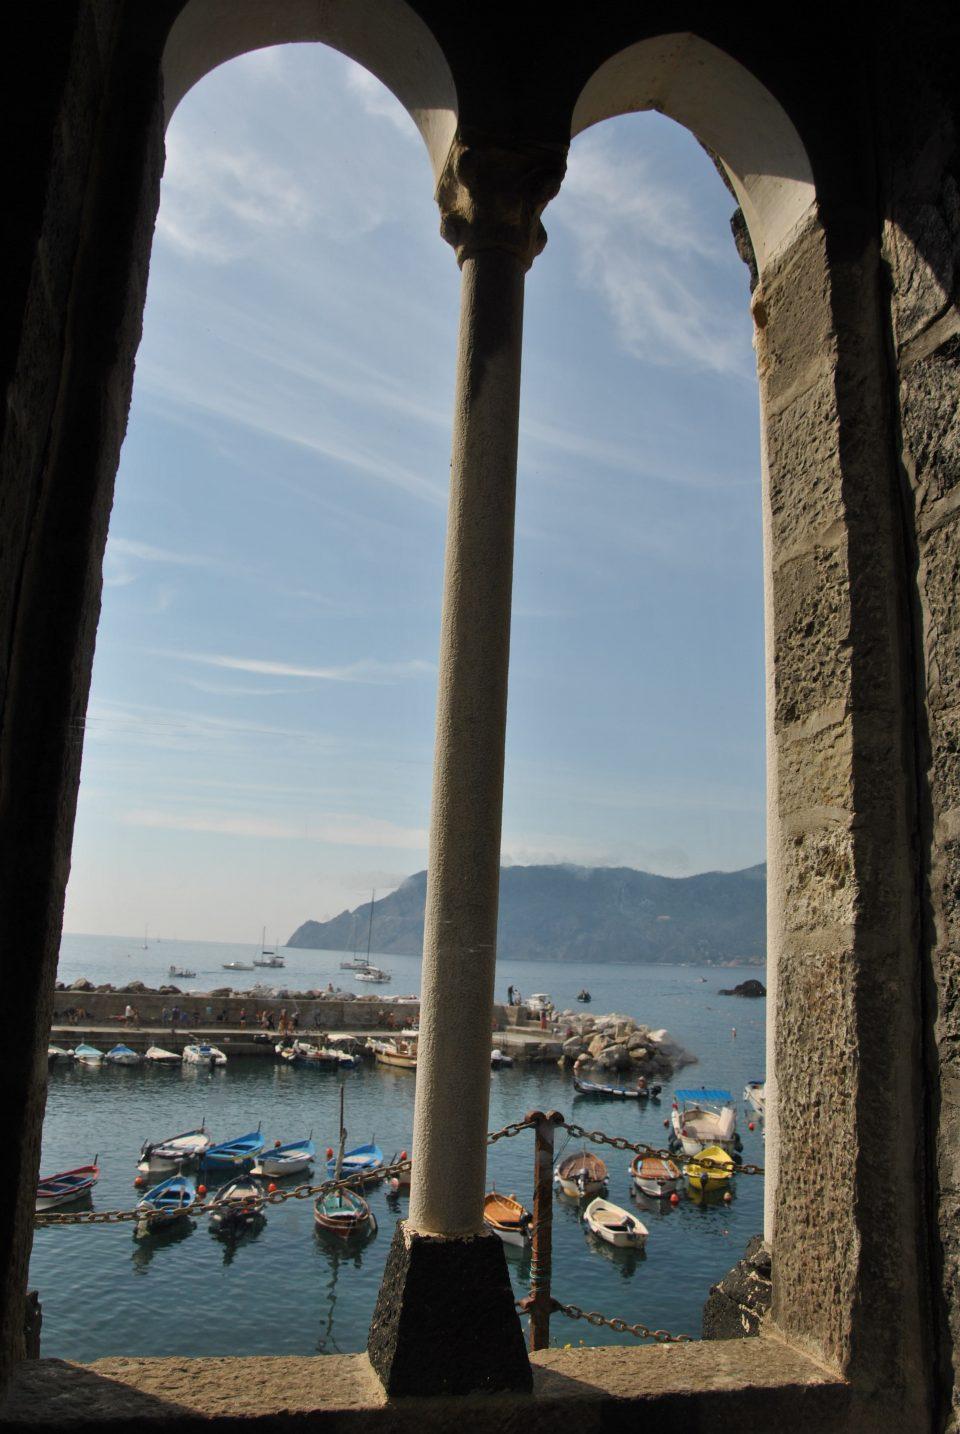 La vista dalla finestra della chiesa di Santa Margherita di Antiochia